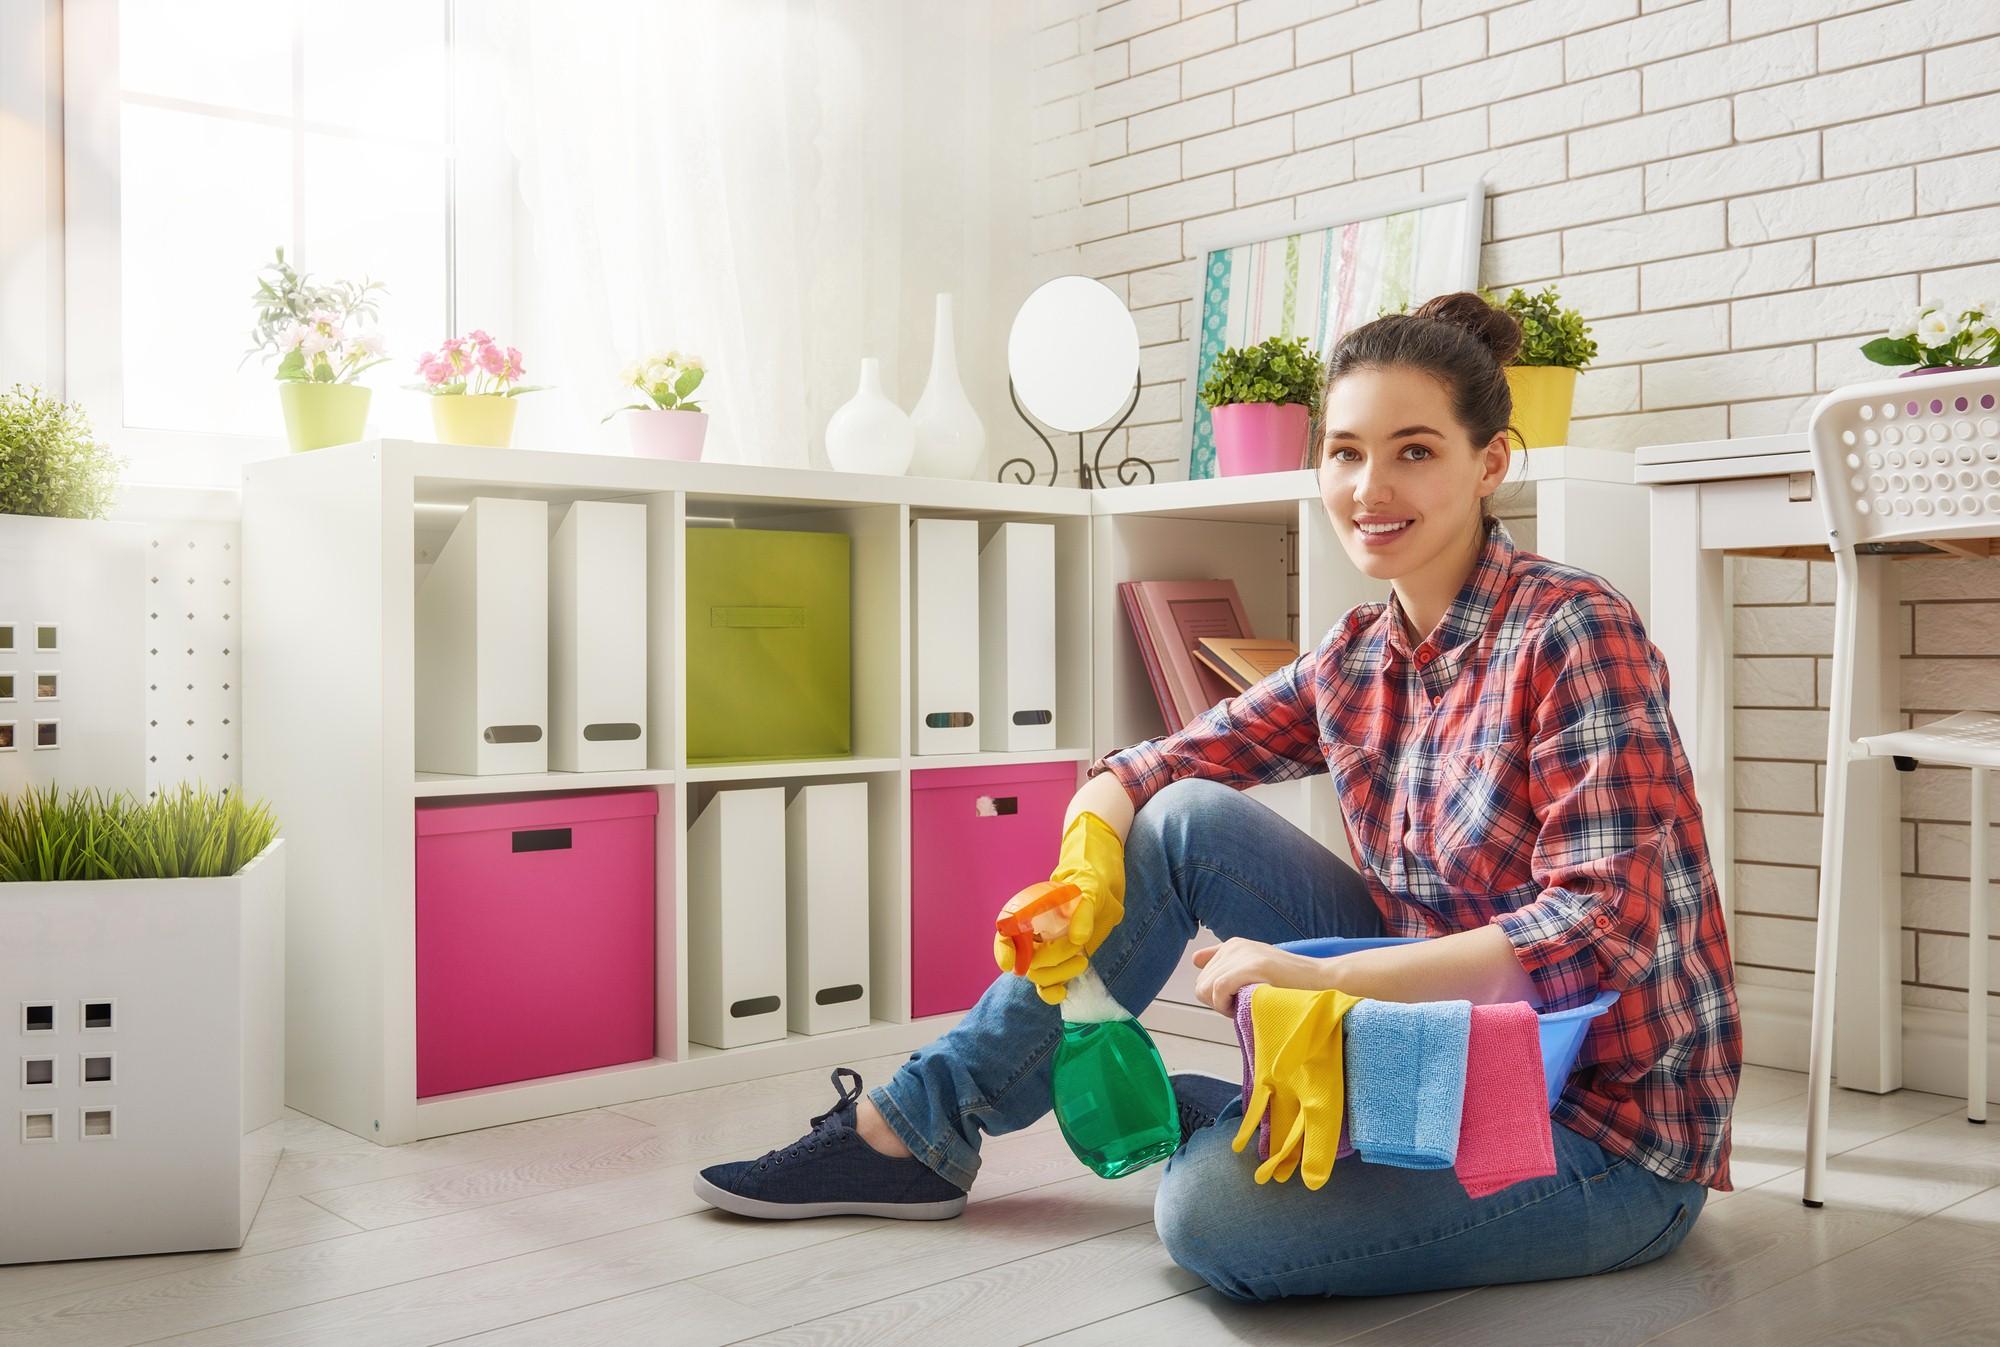 家事シェアサービス大手「ANYTIMES」が対面型店舗「BEARS」と提携。暮らしに寄り添う「安心」「安全」なサービス提供の拡大へ